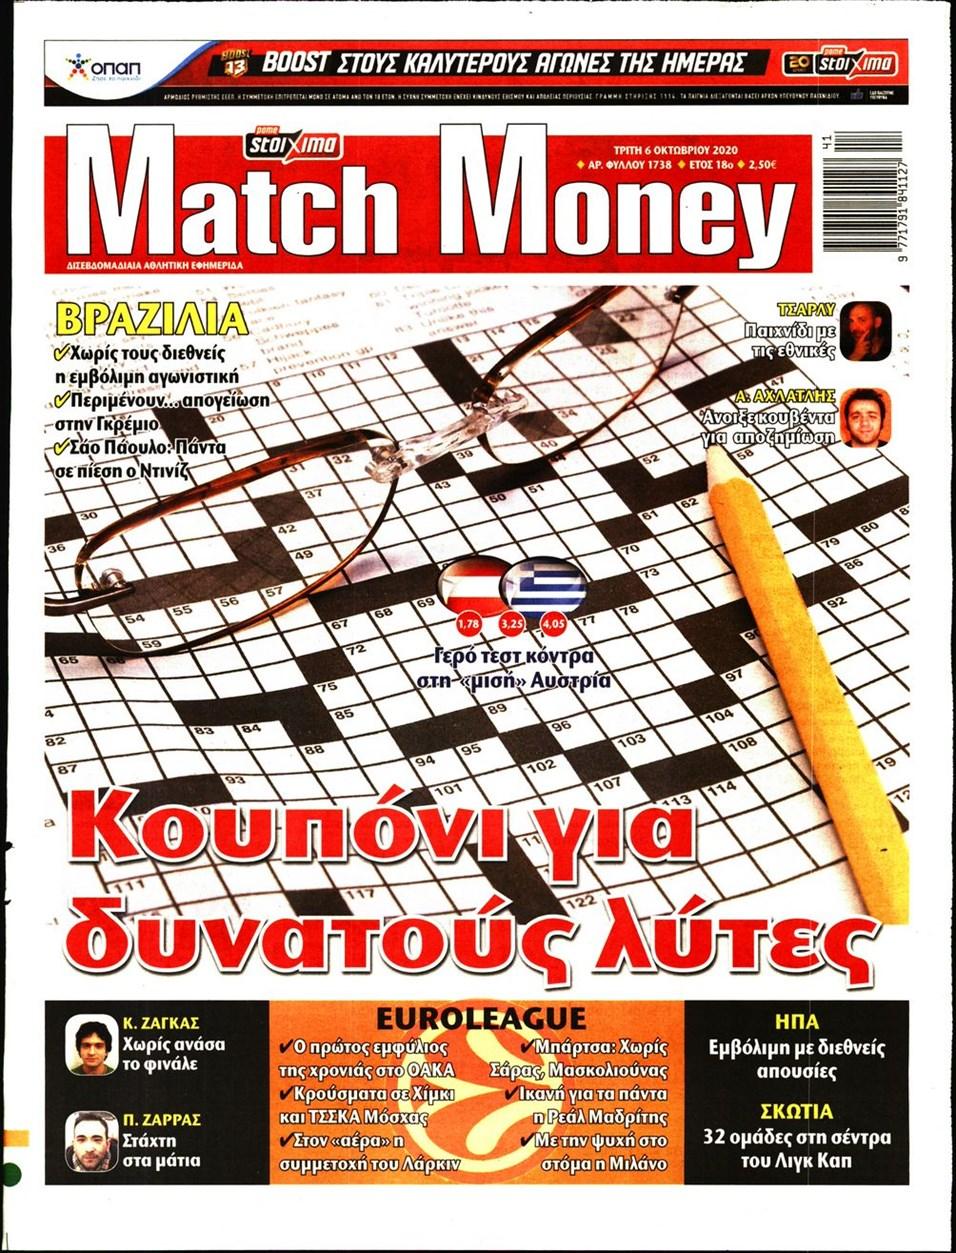 Πρωτοσέλιδο εφημερίδας Μatchmoney